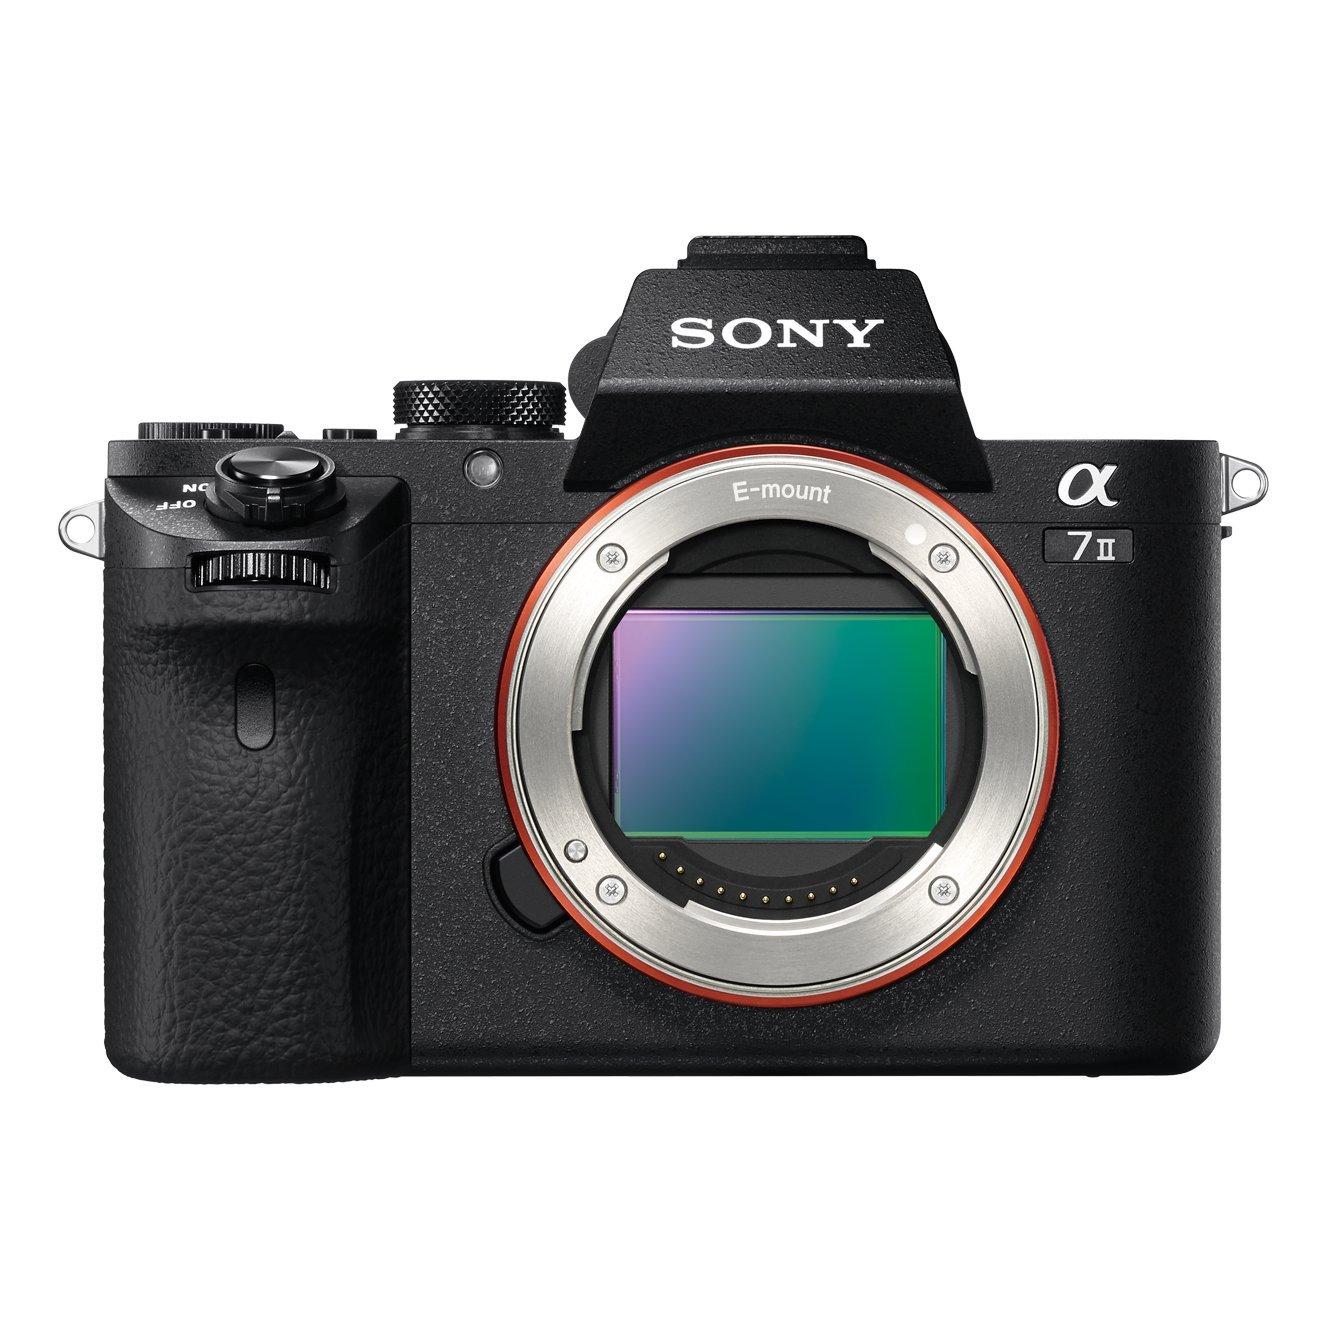 TOP: Sony Alpha 7 M2 Body